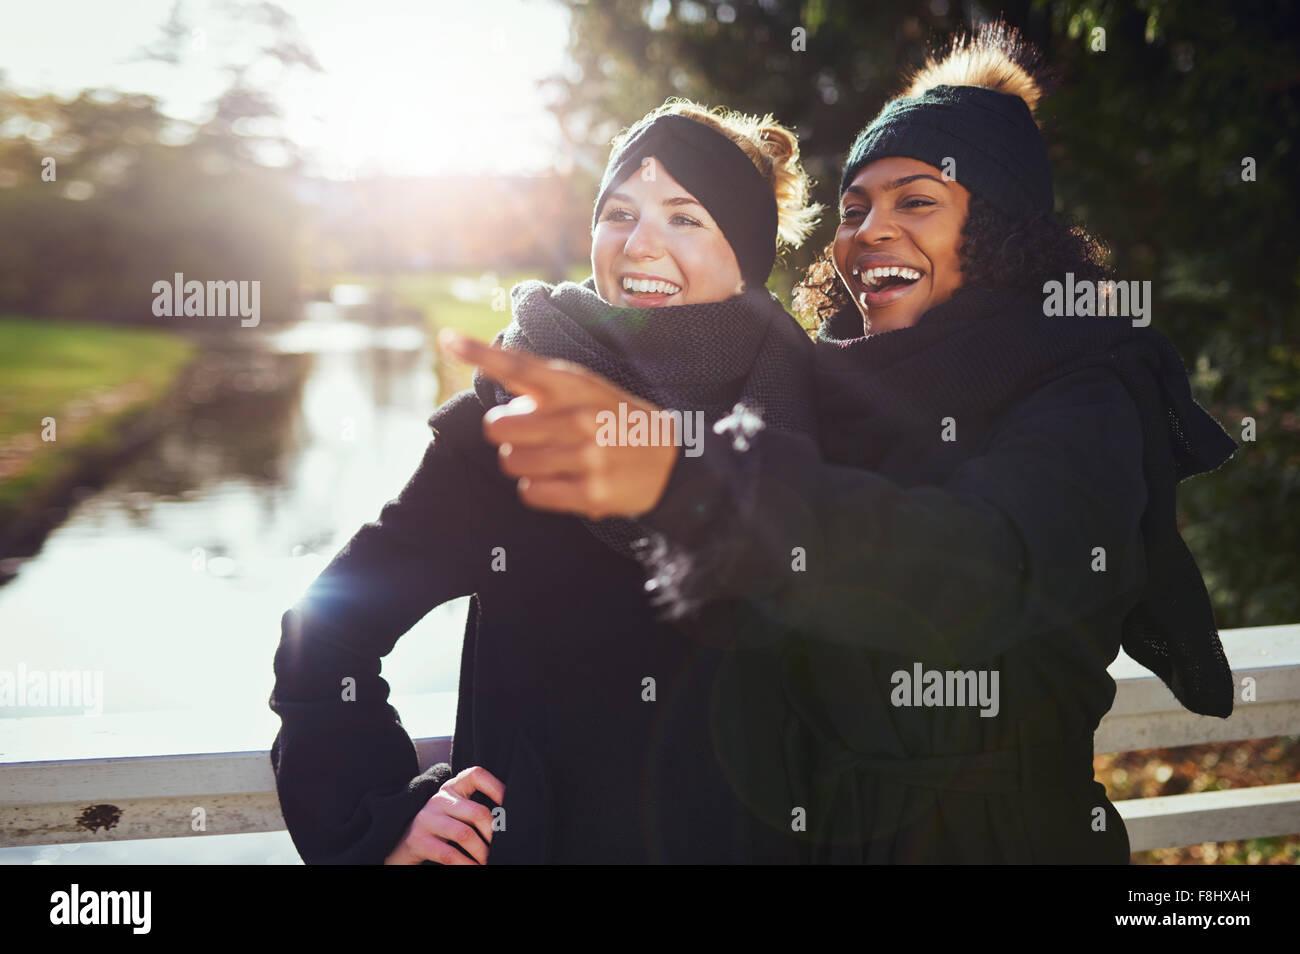 Zwei Freundinnen lachend an etwas beim Stehen in der Park gegen des Flusses. Stockbild